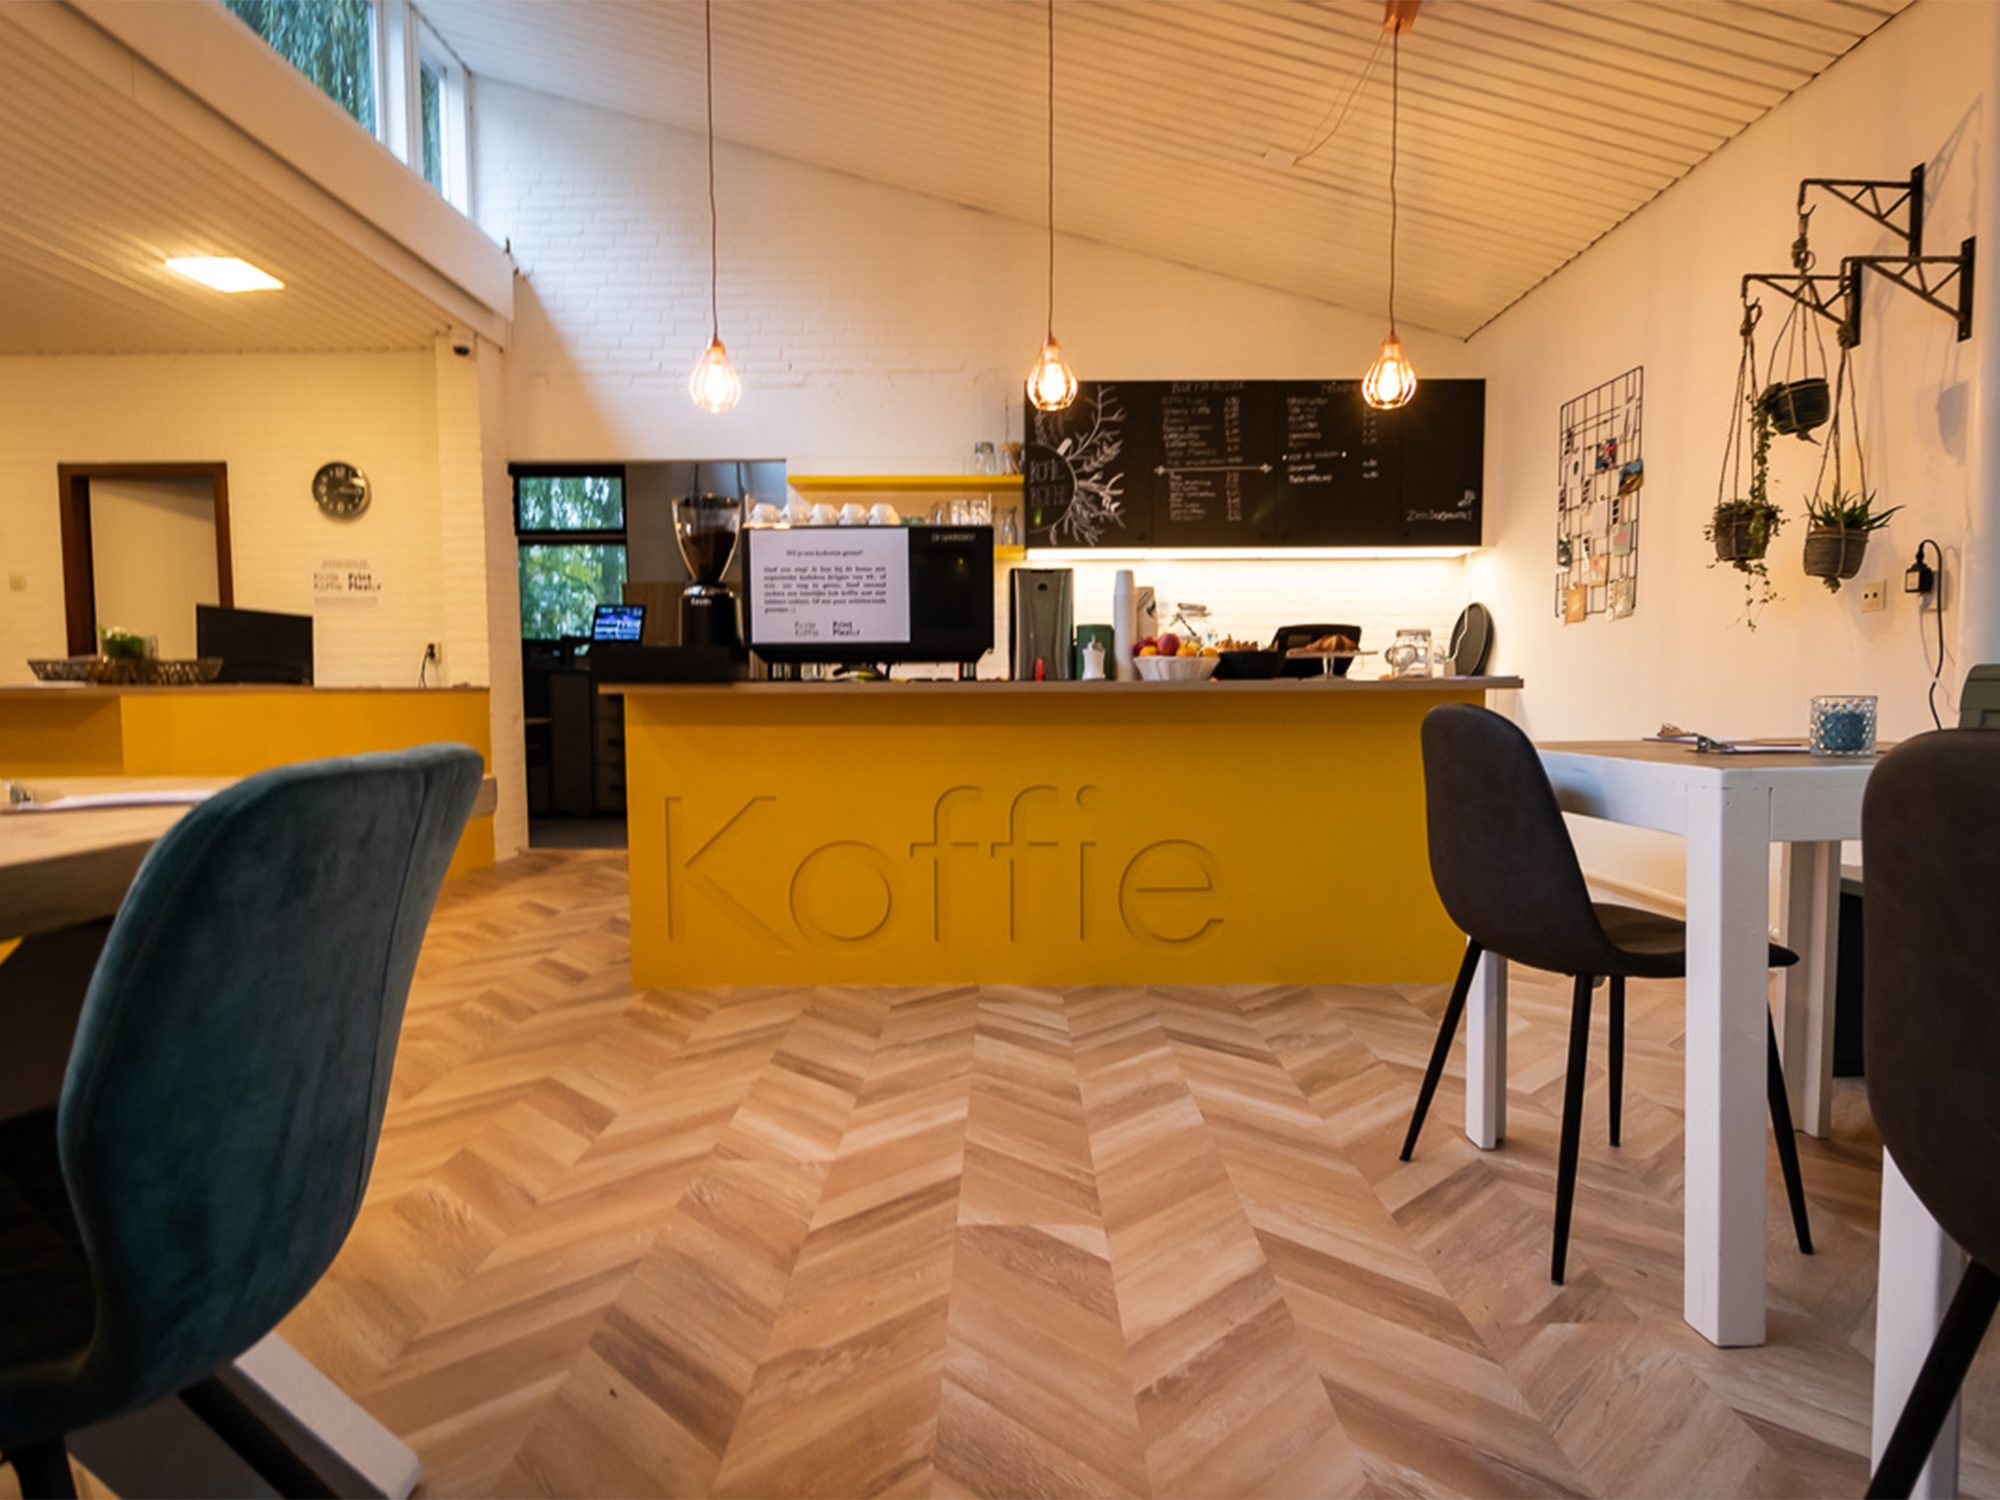 Kopie koffie: Kopie & Koffie winkel in delft